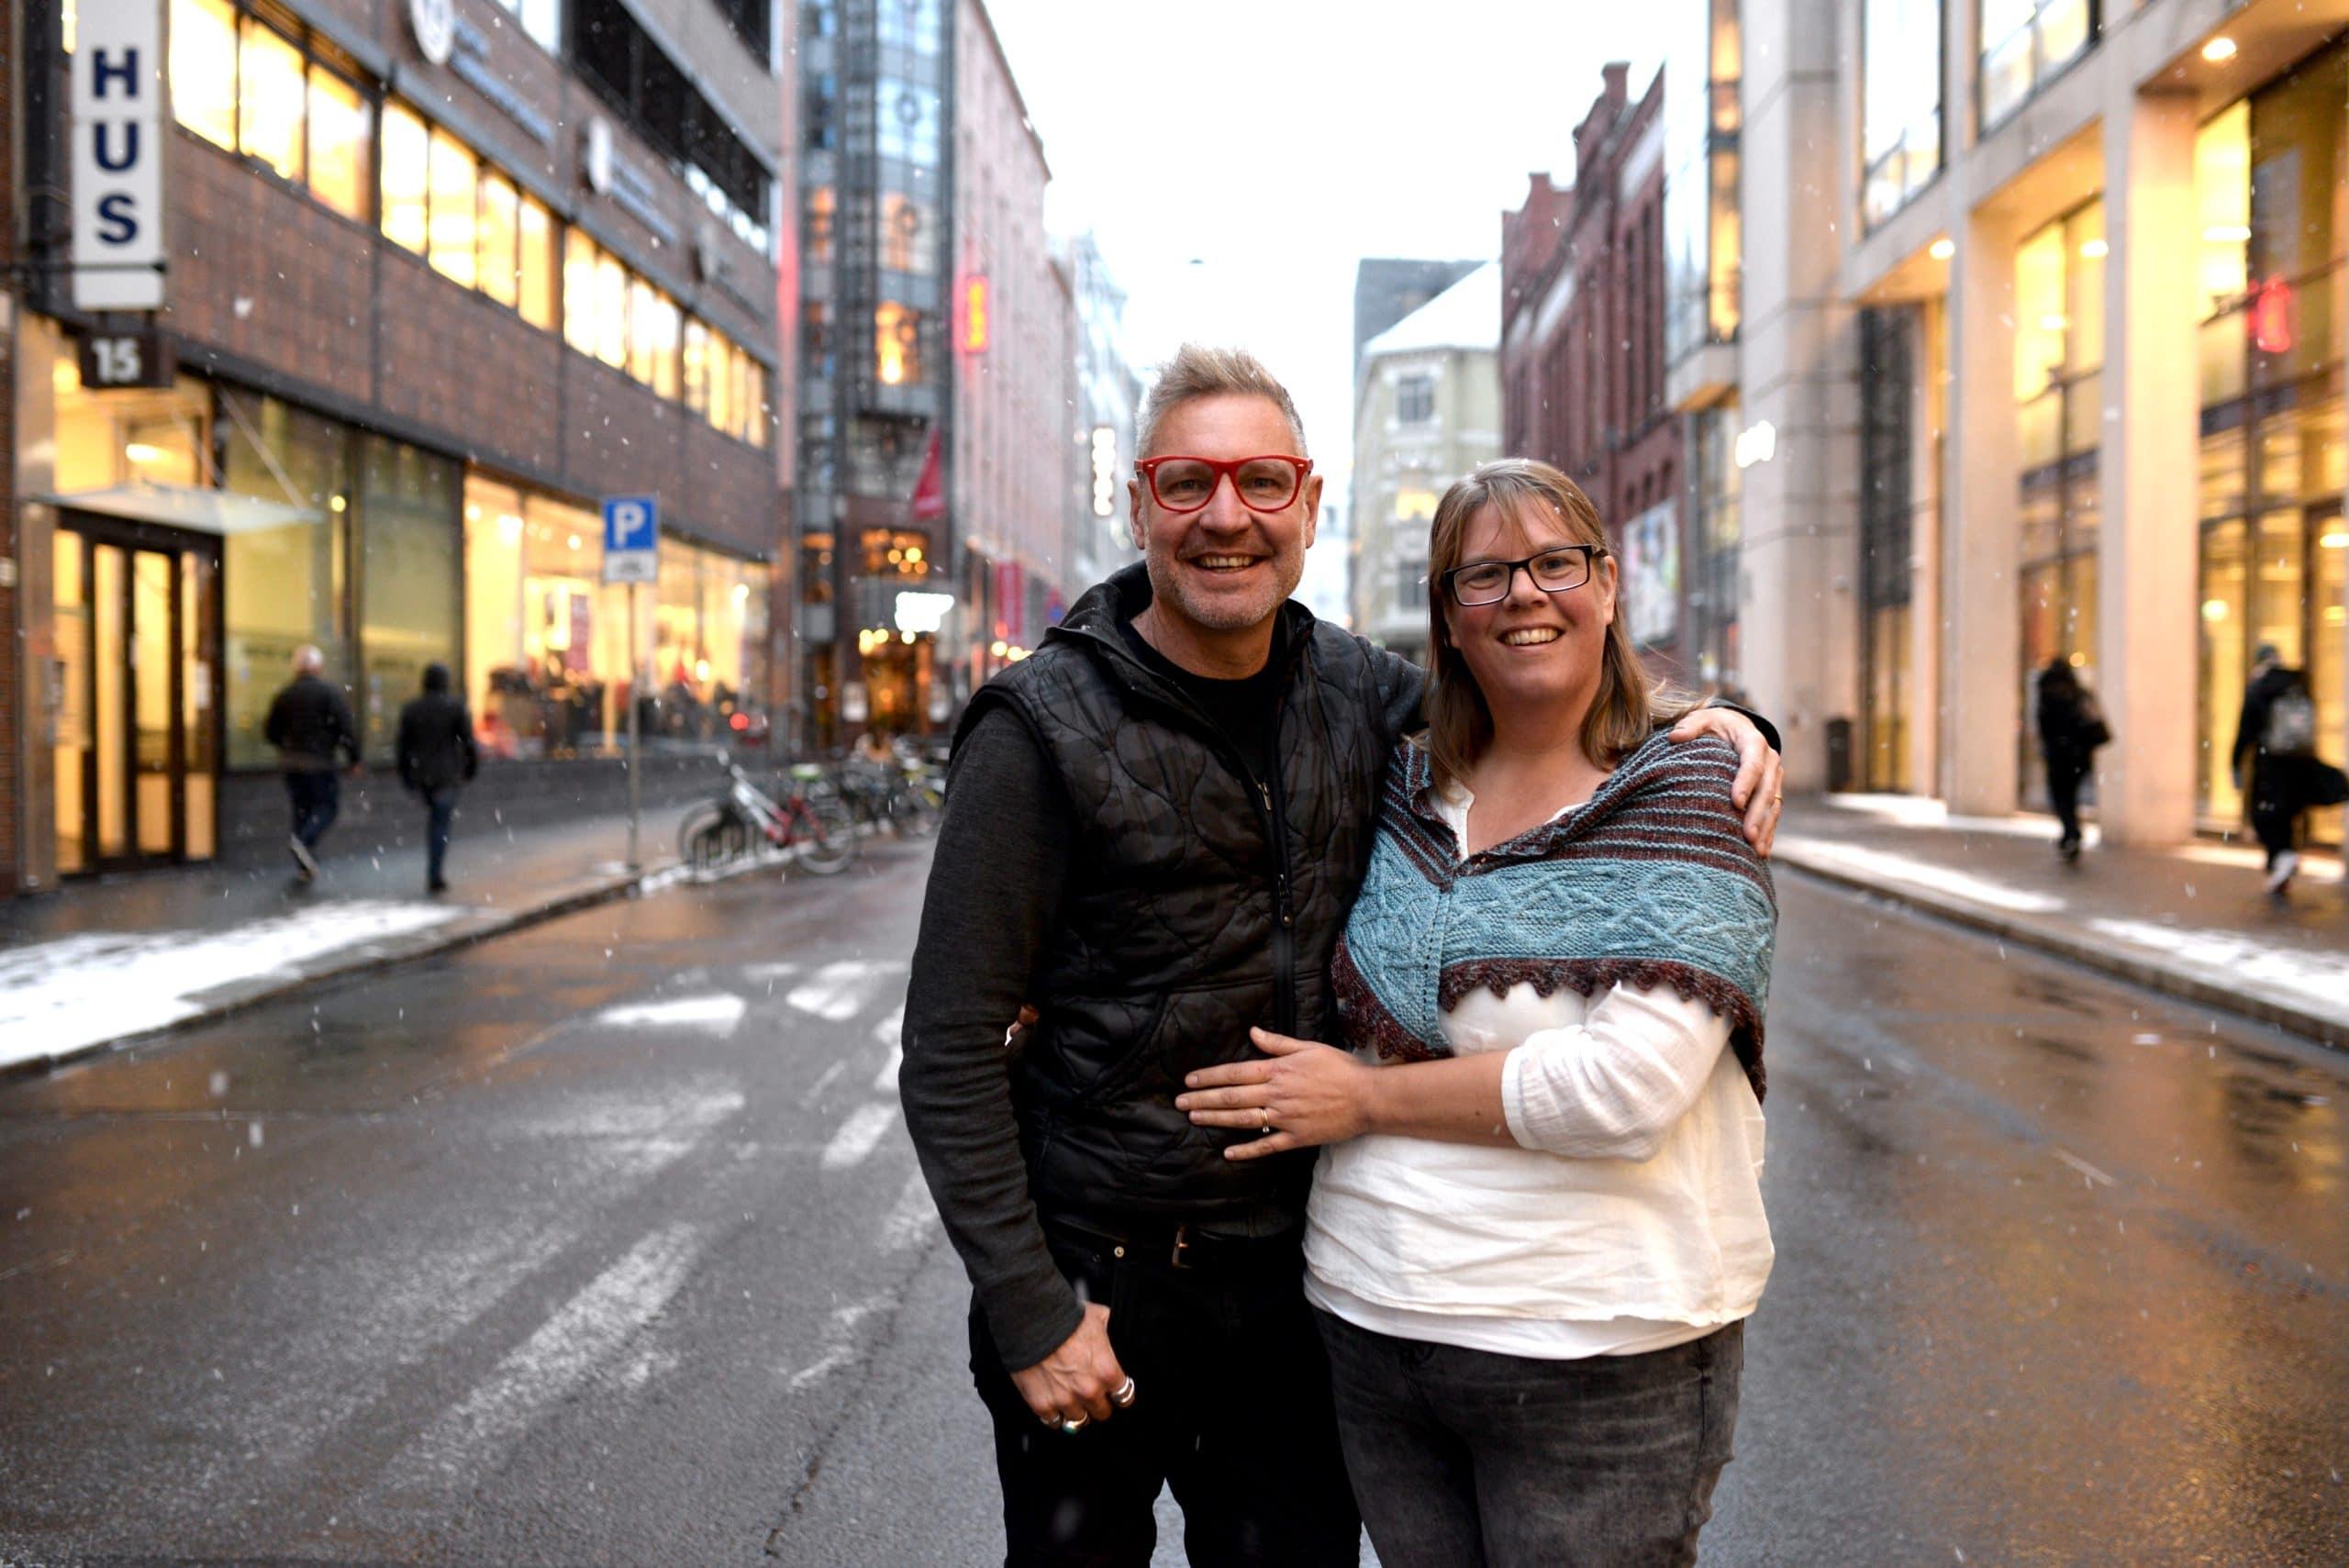 Mark and Lisa Scandrette